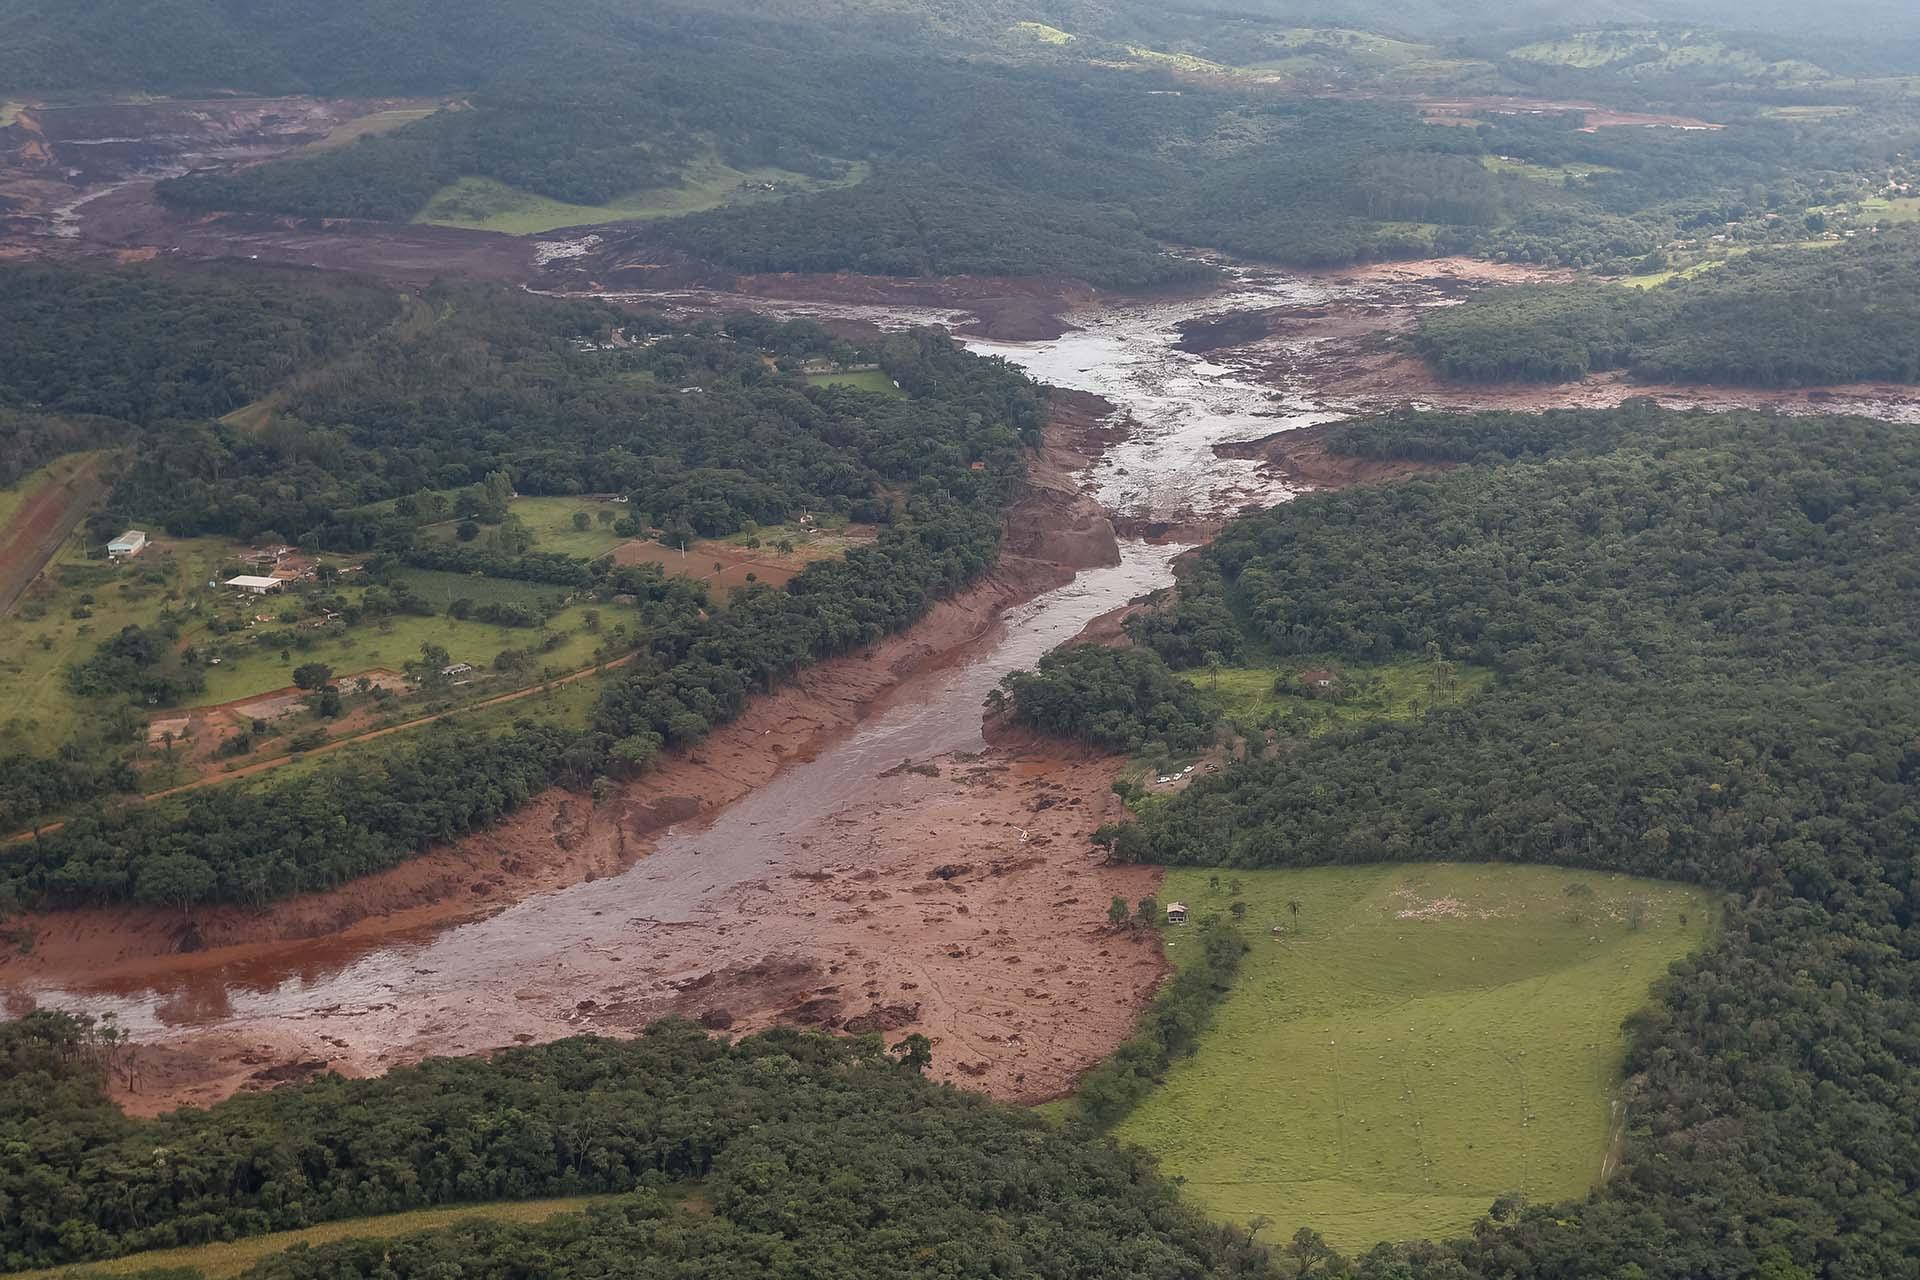 O Presidente da República, Jair Bolsonaro, durante sobrevoo da região atingida pelo rompimento da barragem Mina Córrego do Feijão, em Brumadinho/MG. Foto: Isac Nóbrega/PR